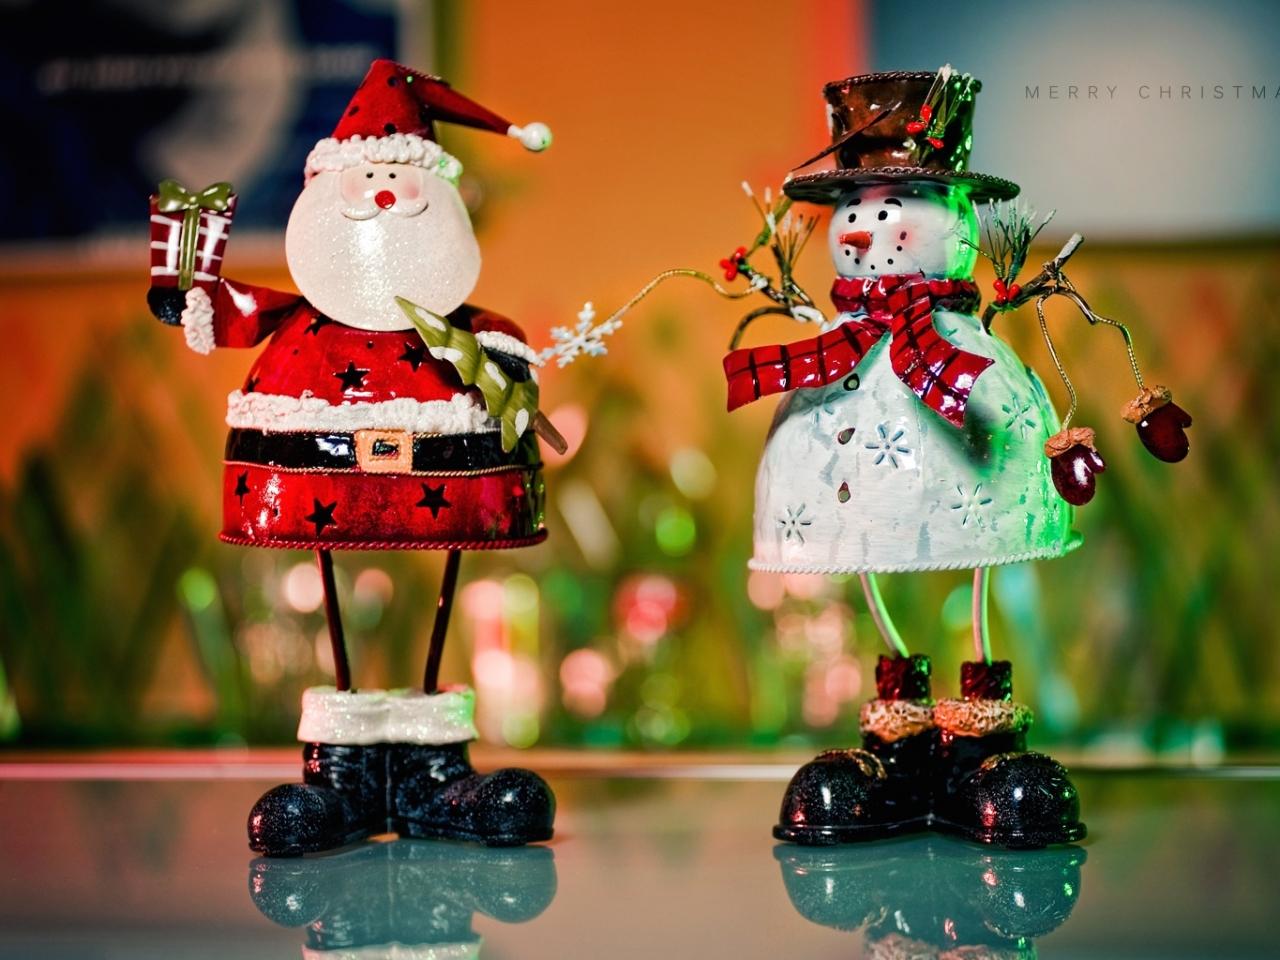 Muñecos de alambres para navidad - 1280x960